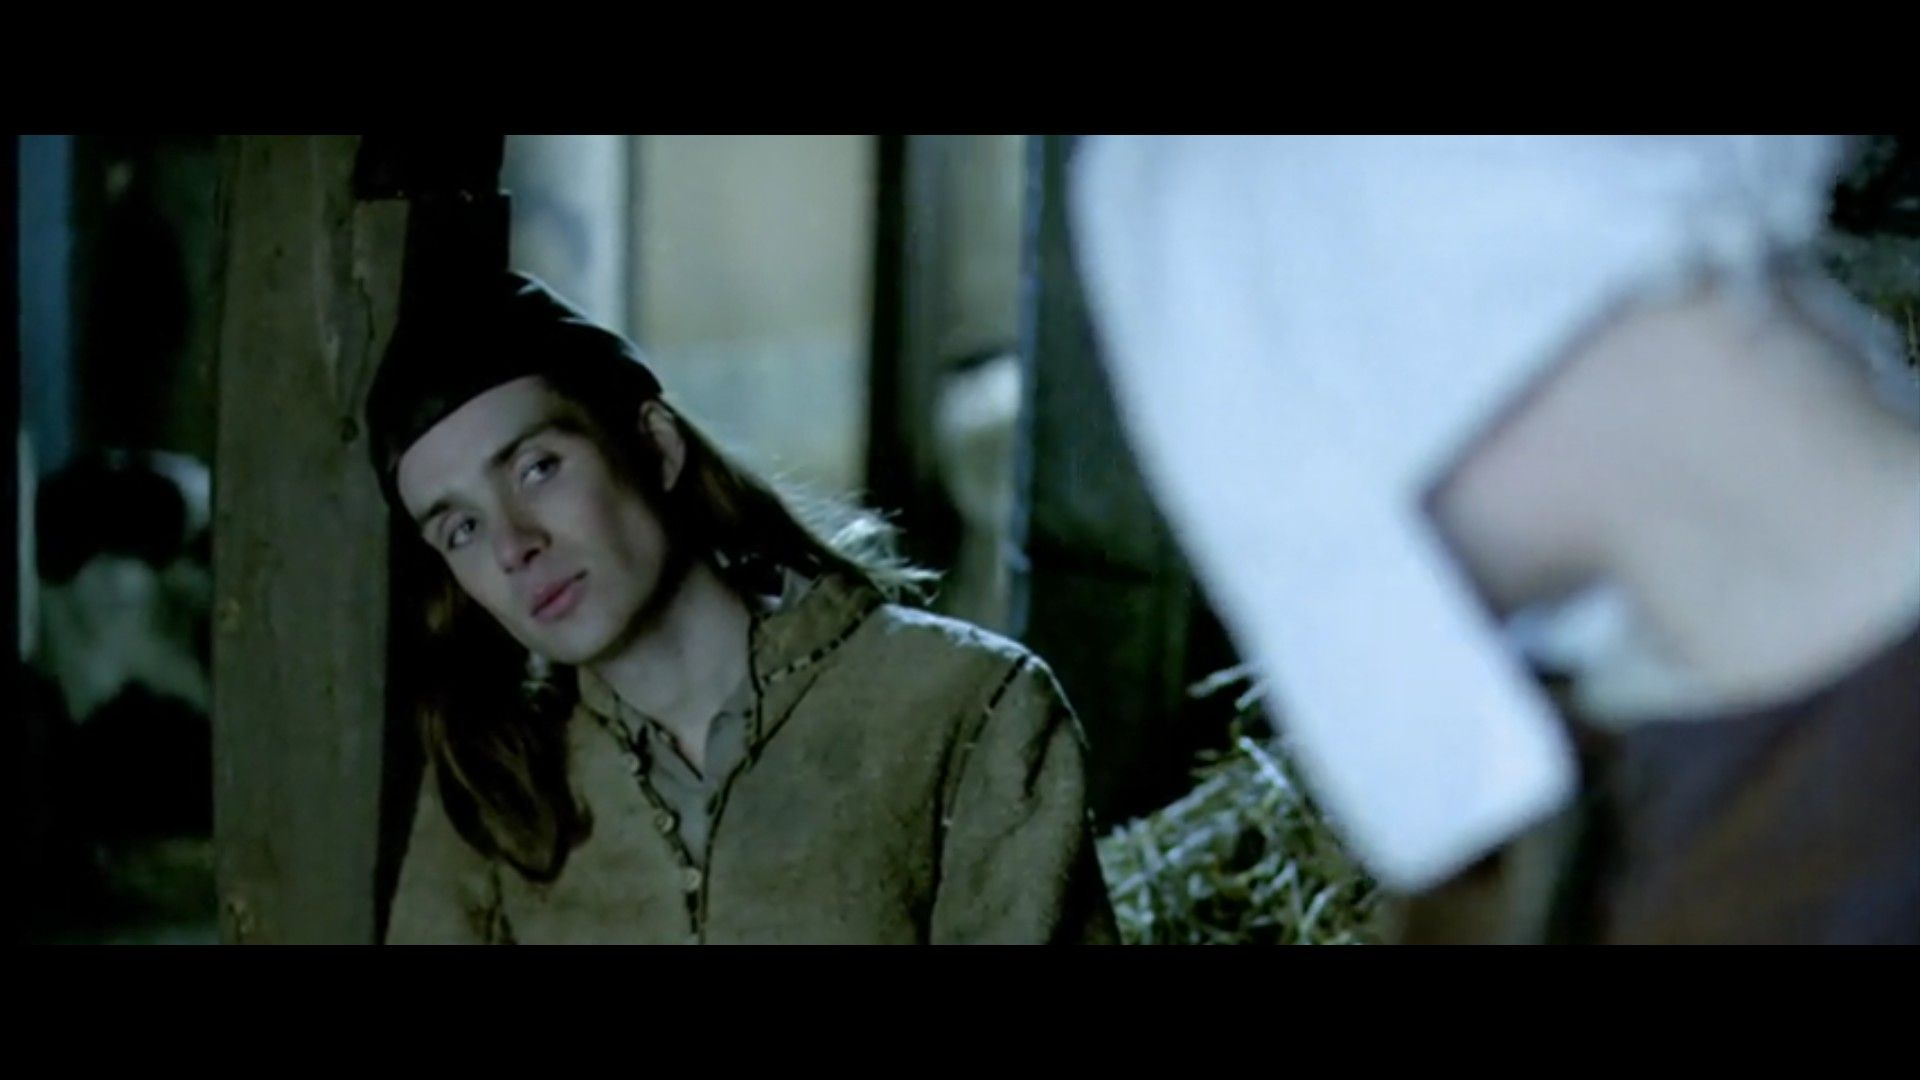 Фильм. Девушка с Жемчужной серёжкой | Cillian murphy young ...